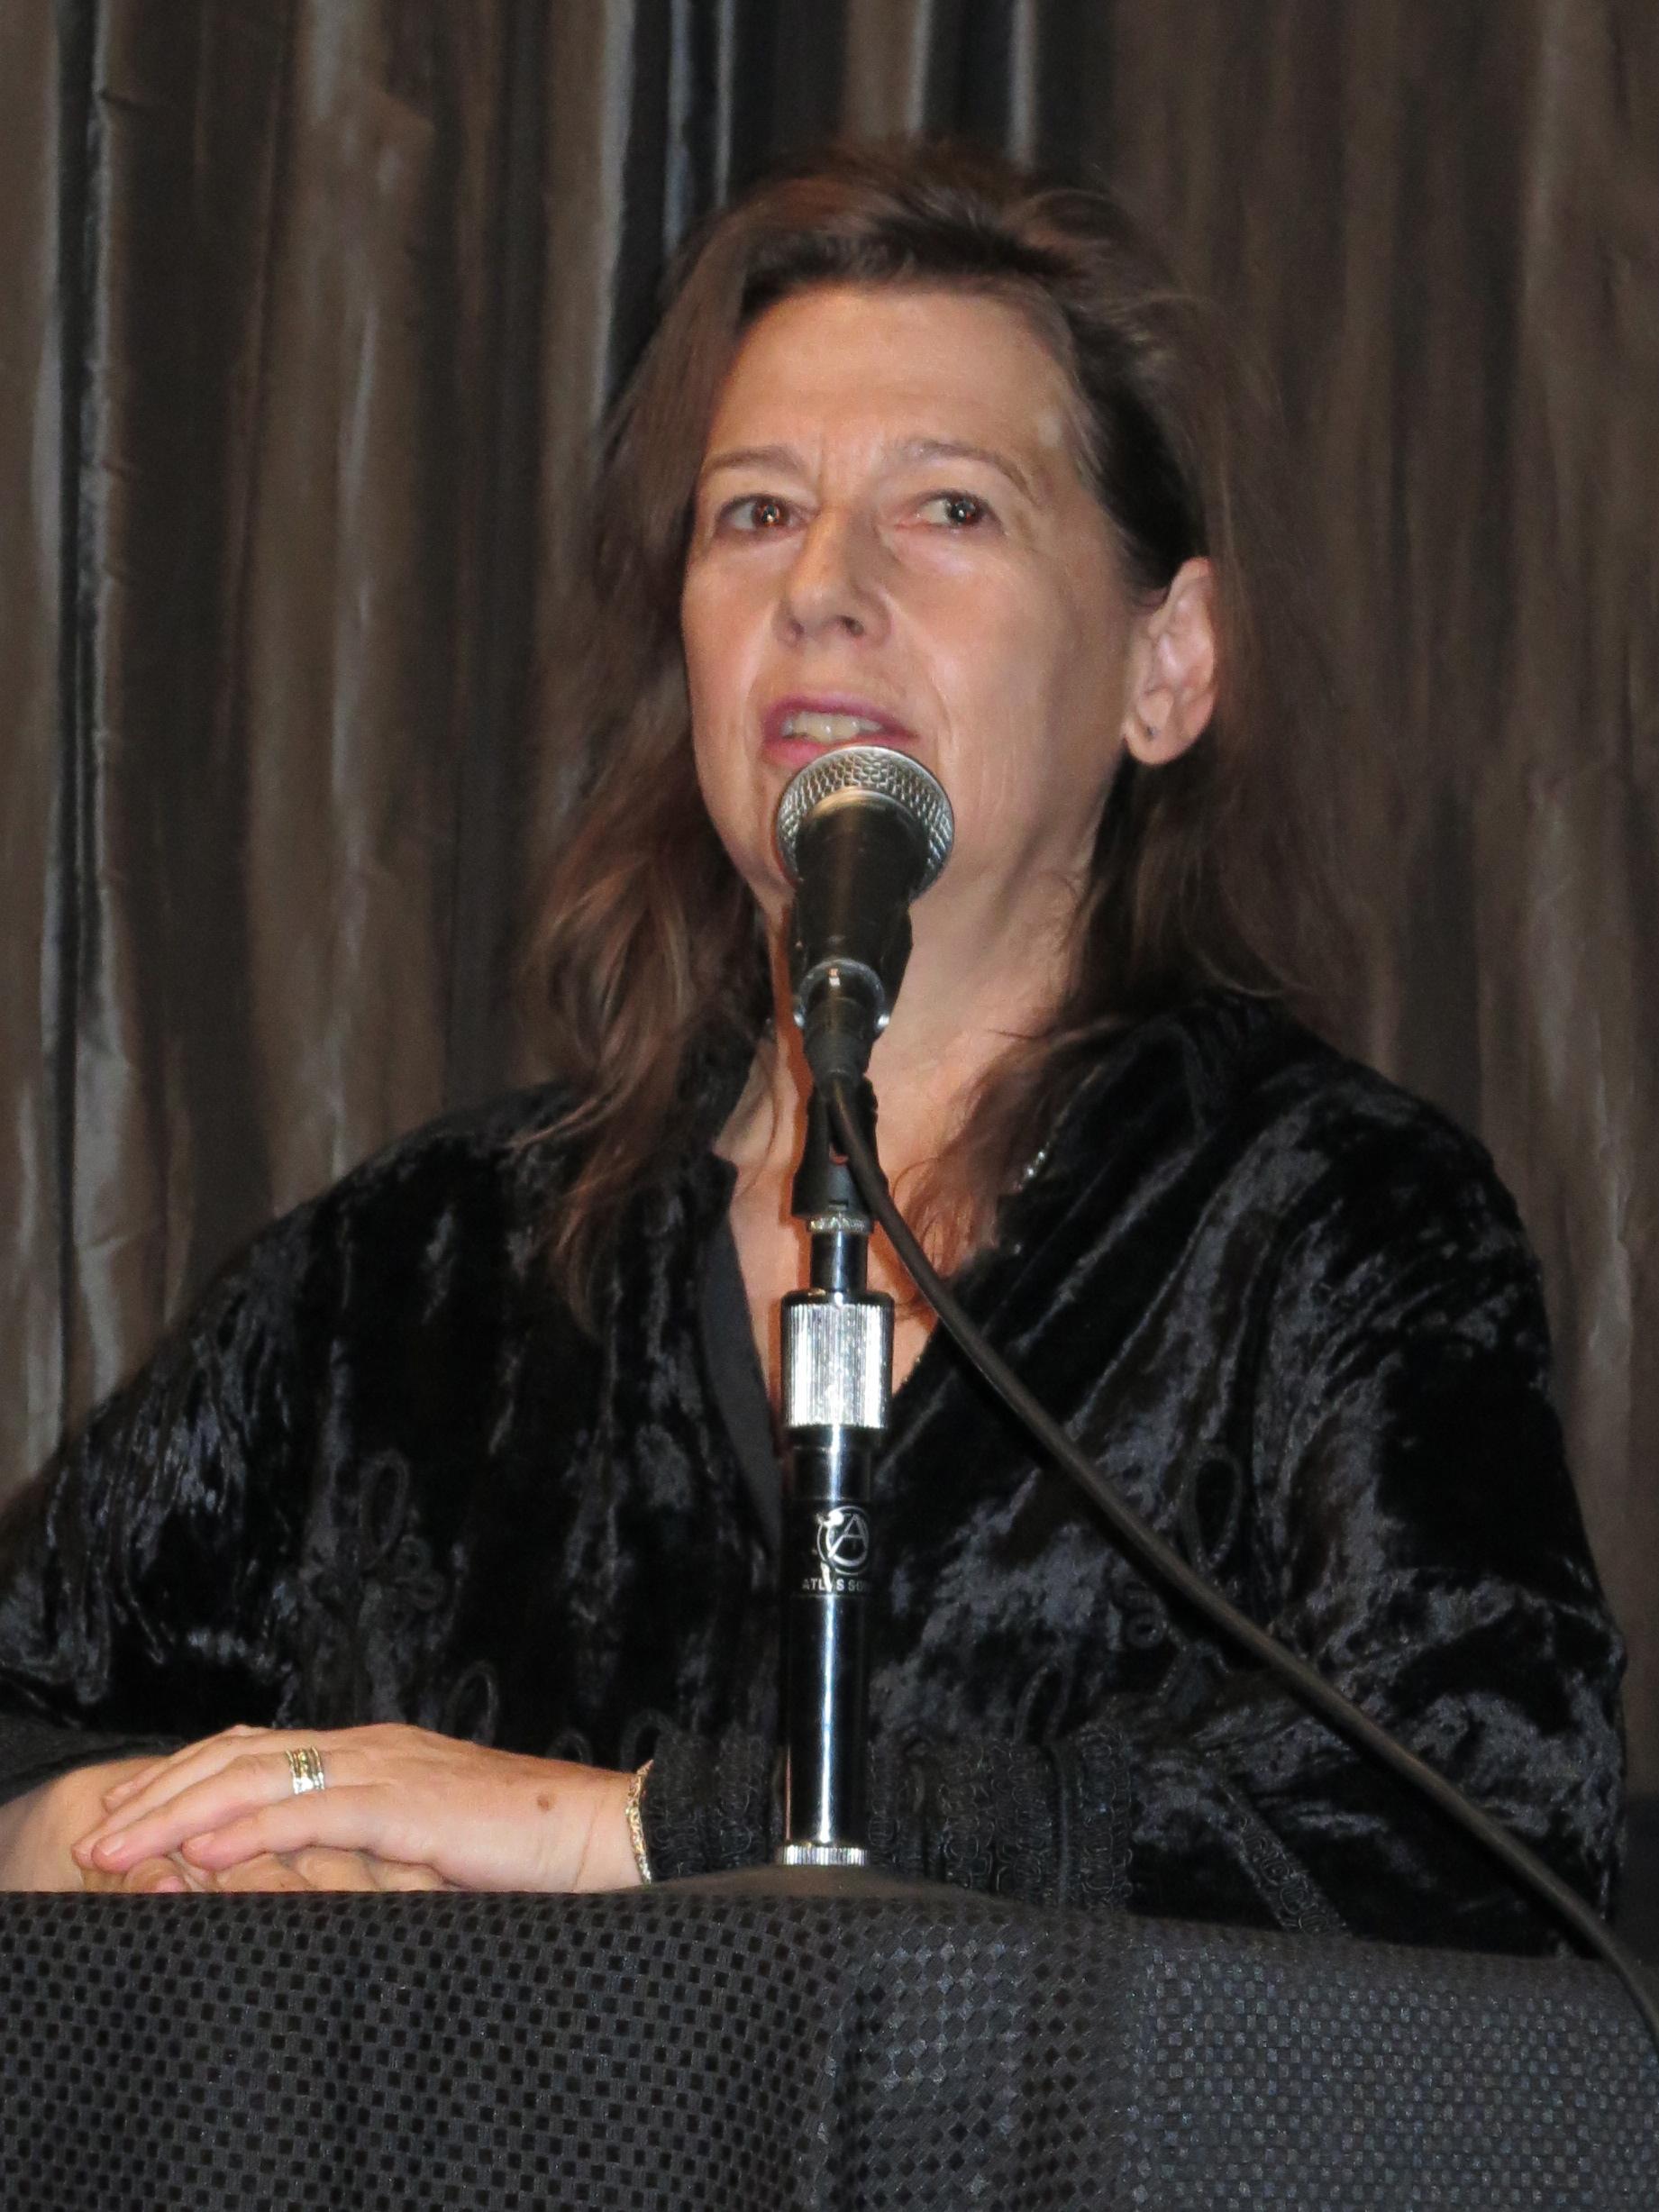 Mary Owen 2012 Ifc Cinematically Insane